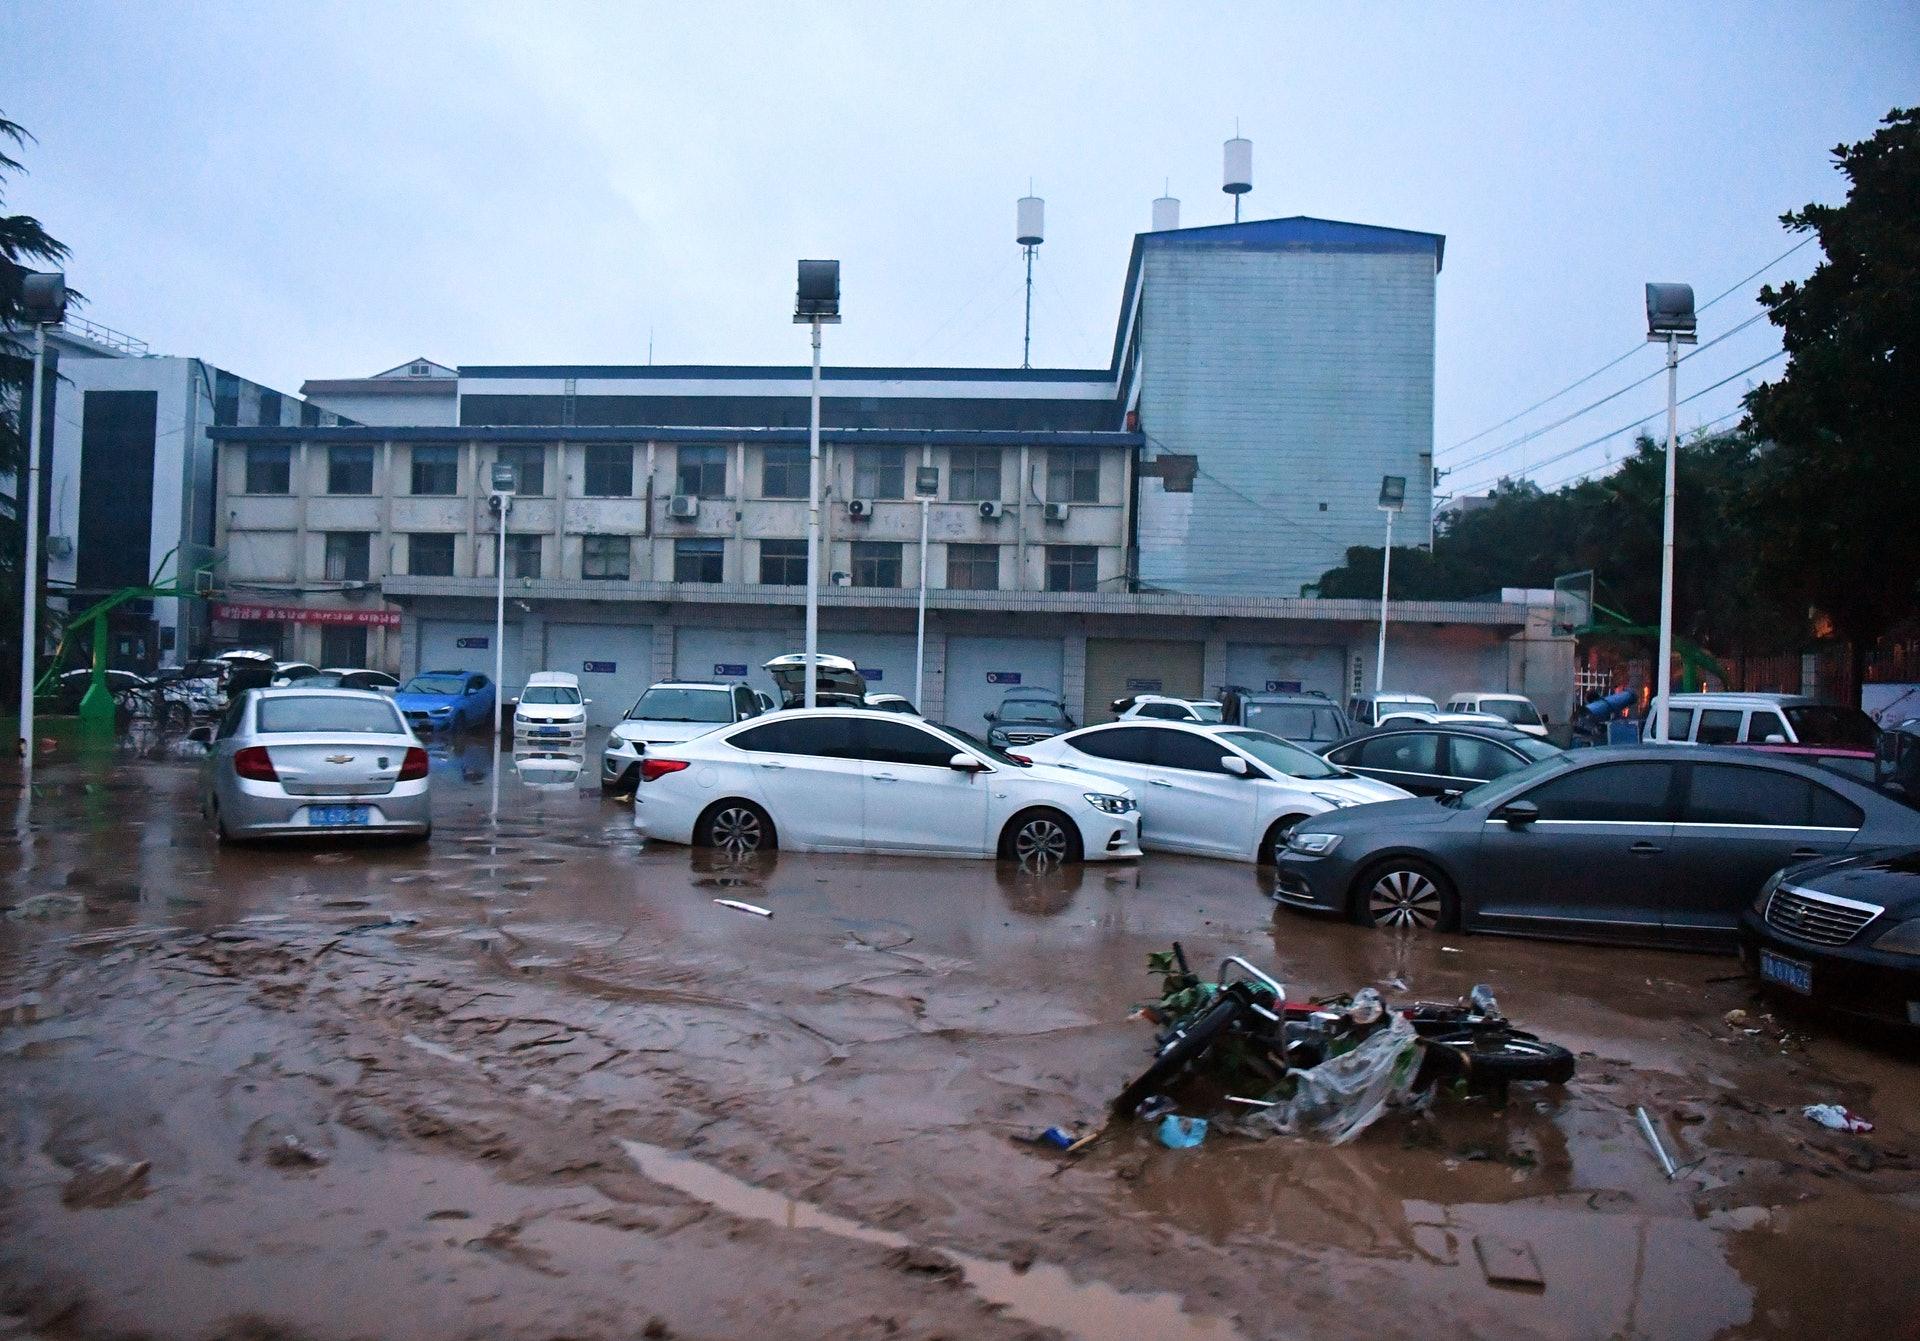 7月20日,河南省鞏義市米河鎮鎮區遭暴雨襲擊。(新華社)